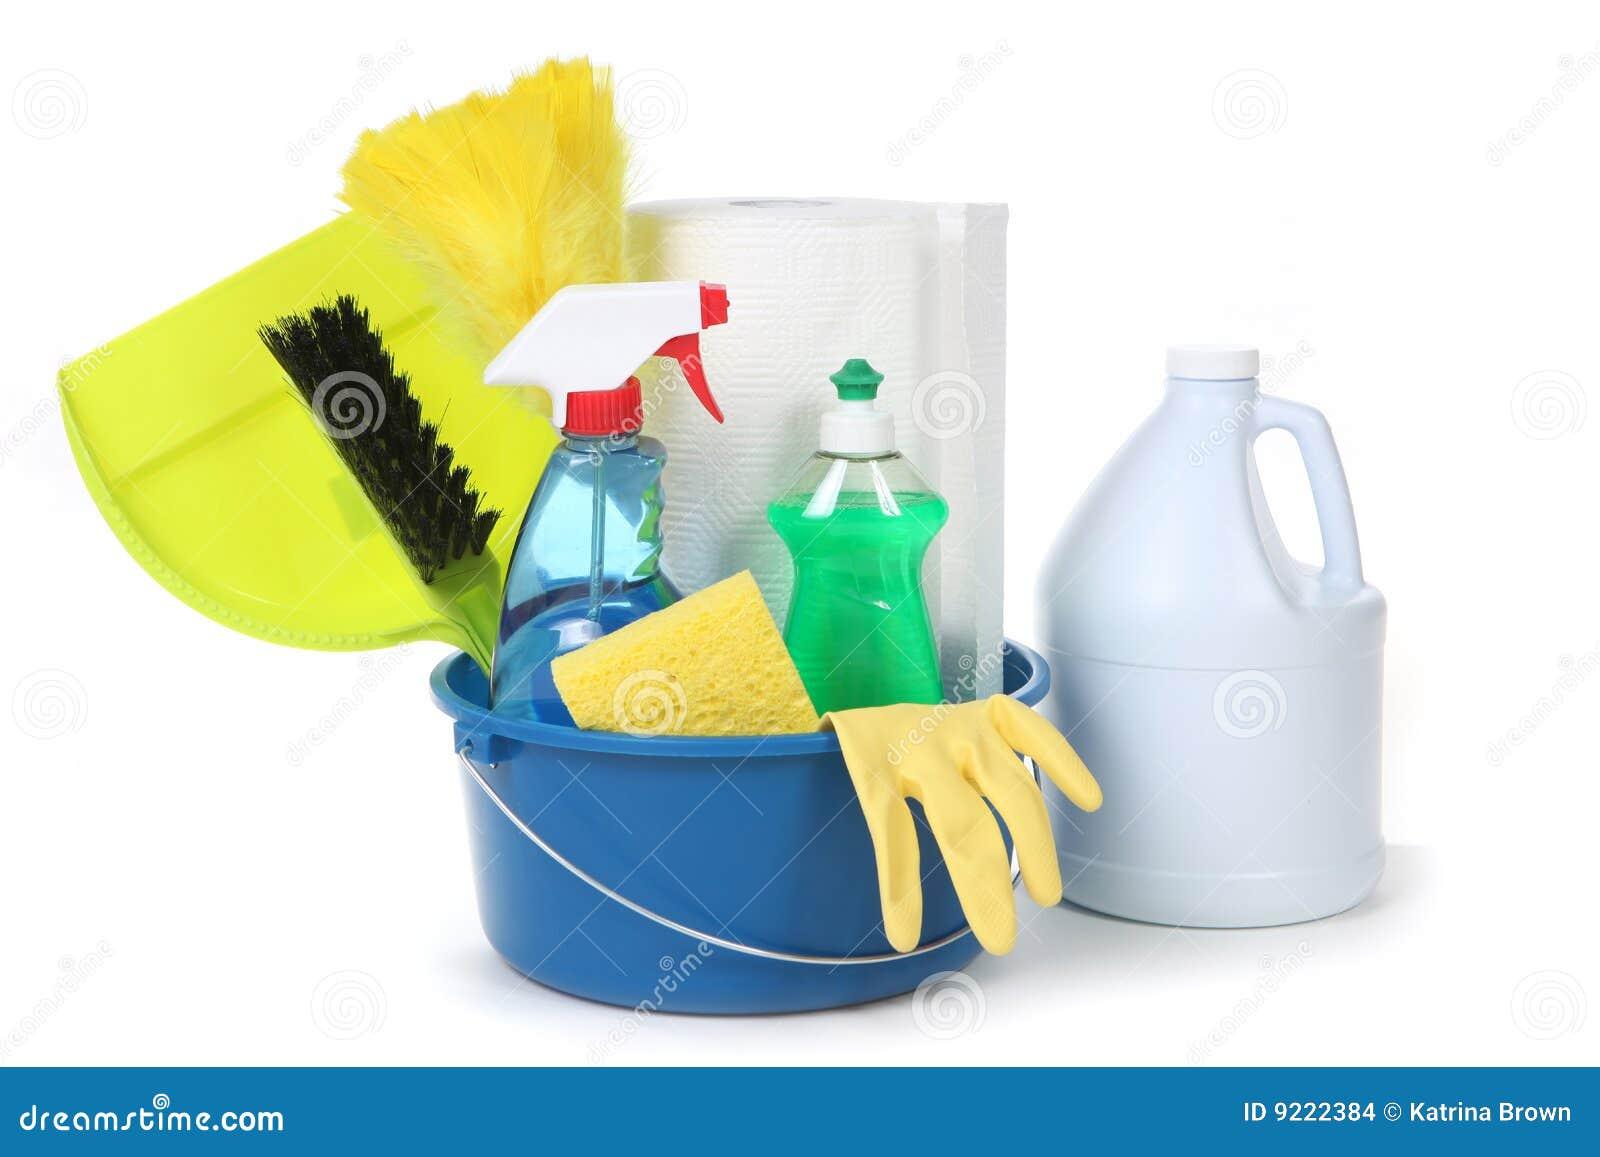 Fuentes de limpieza para el hogar foto de archivo imagen - Imagenes de limpieza de casas ...